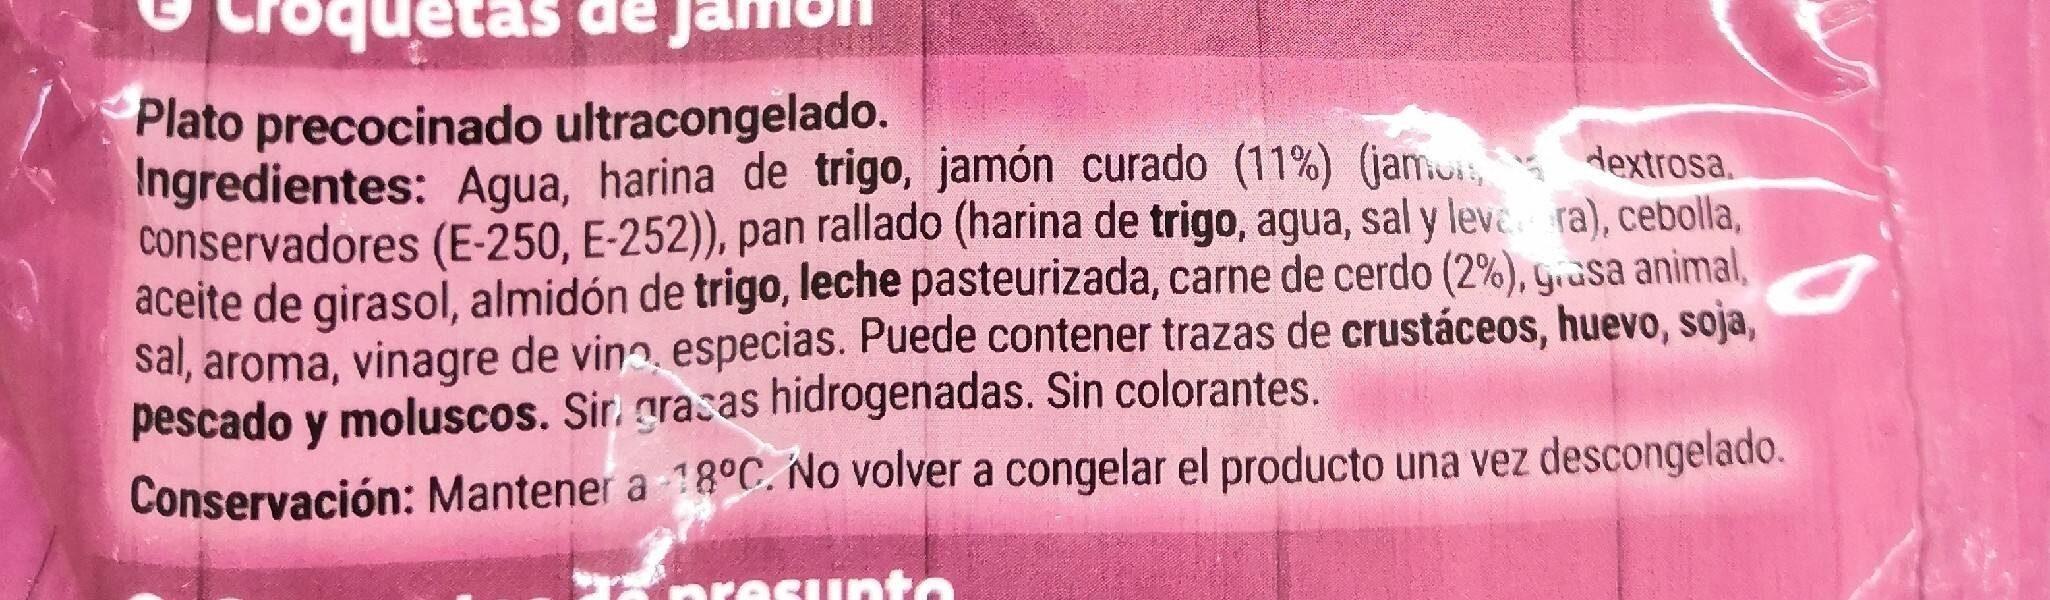 Croquetas de jamon - Ingredientes - es